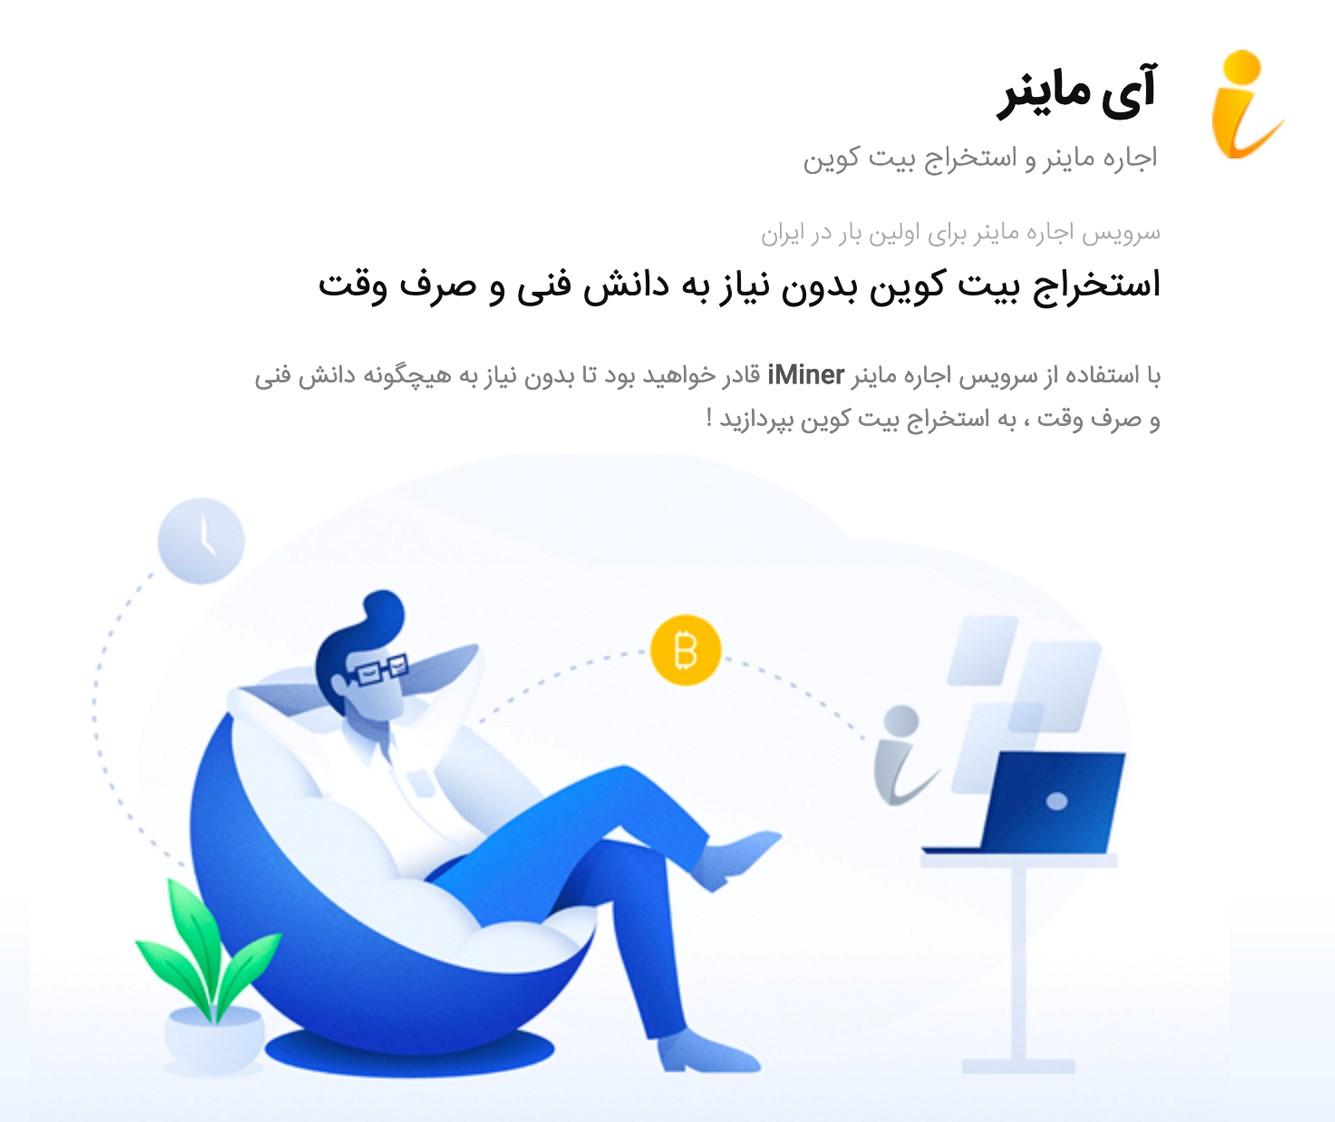 آی ماینر (iminer) یک شرکت معتبر ثبت شده ایرانی در حوزه اجاره ماینر استخراج بیت کوین است که برای شما این امکان را فراهم میکند تا بدون نیاز به دانش فنی و صرف وقت ، به استخراج بیت کوین و همچنین کسب درآمد از طریق استخراج ارزهای دیجیتال بپردازید.